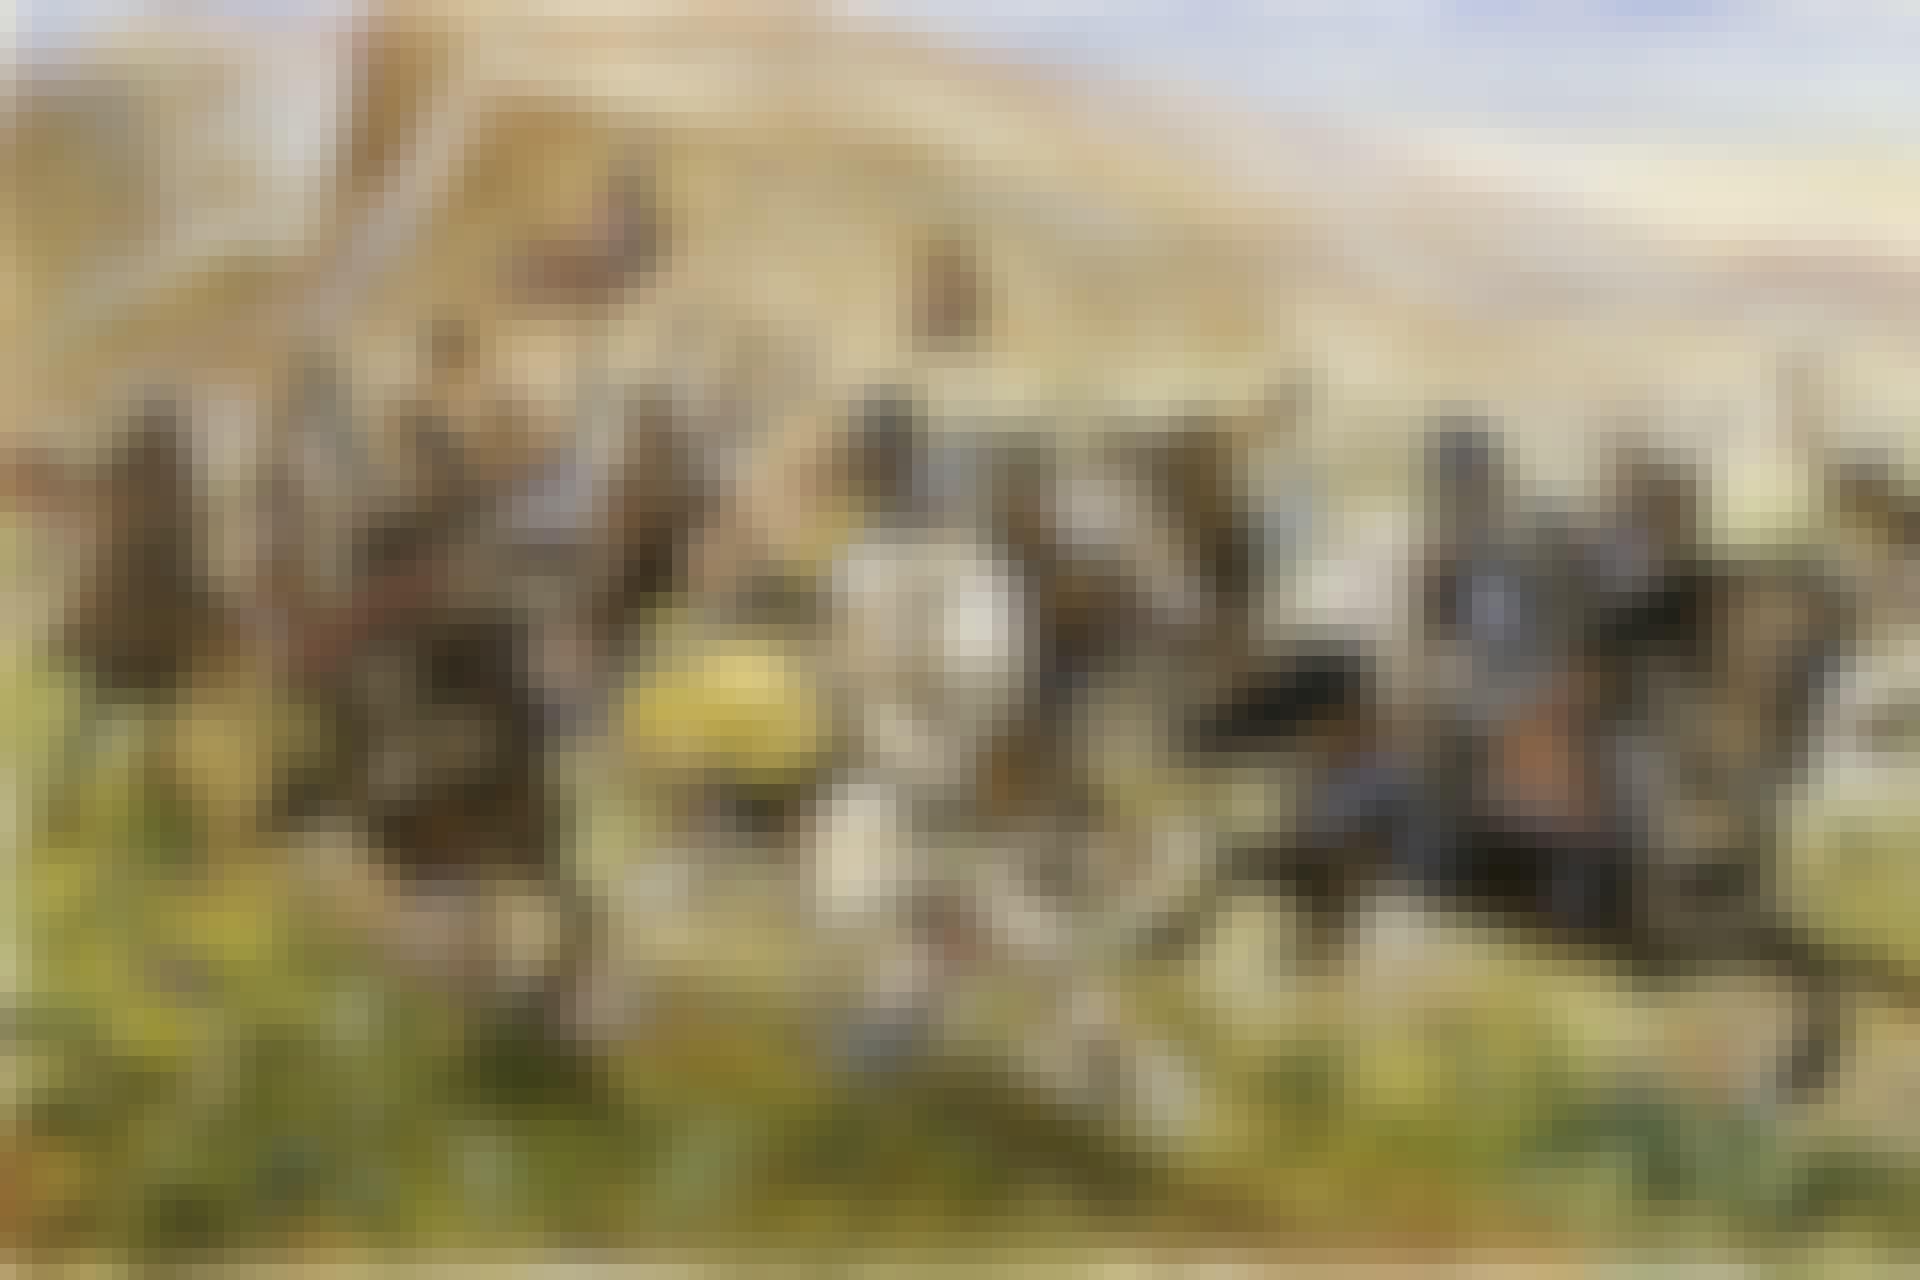 Attilas hunner i galopp på målning.